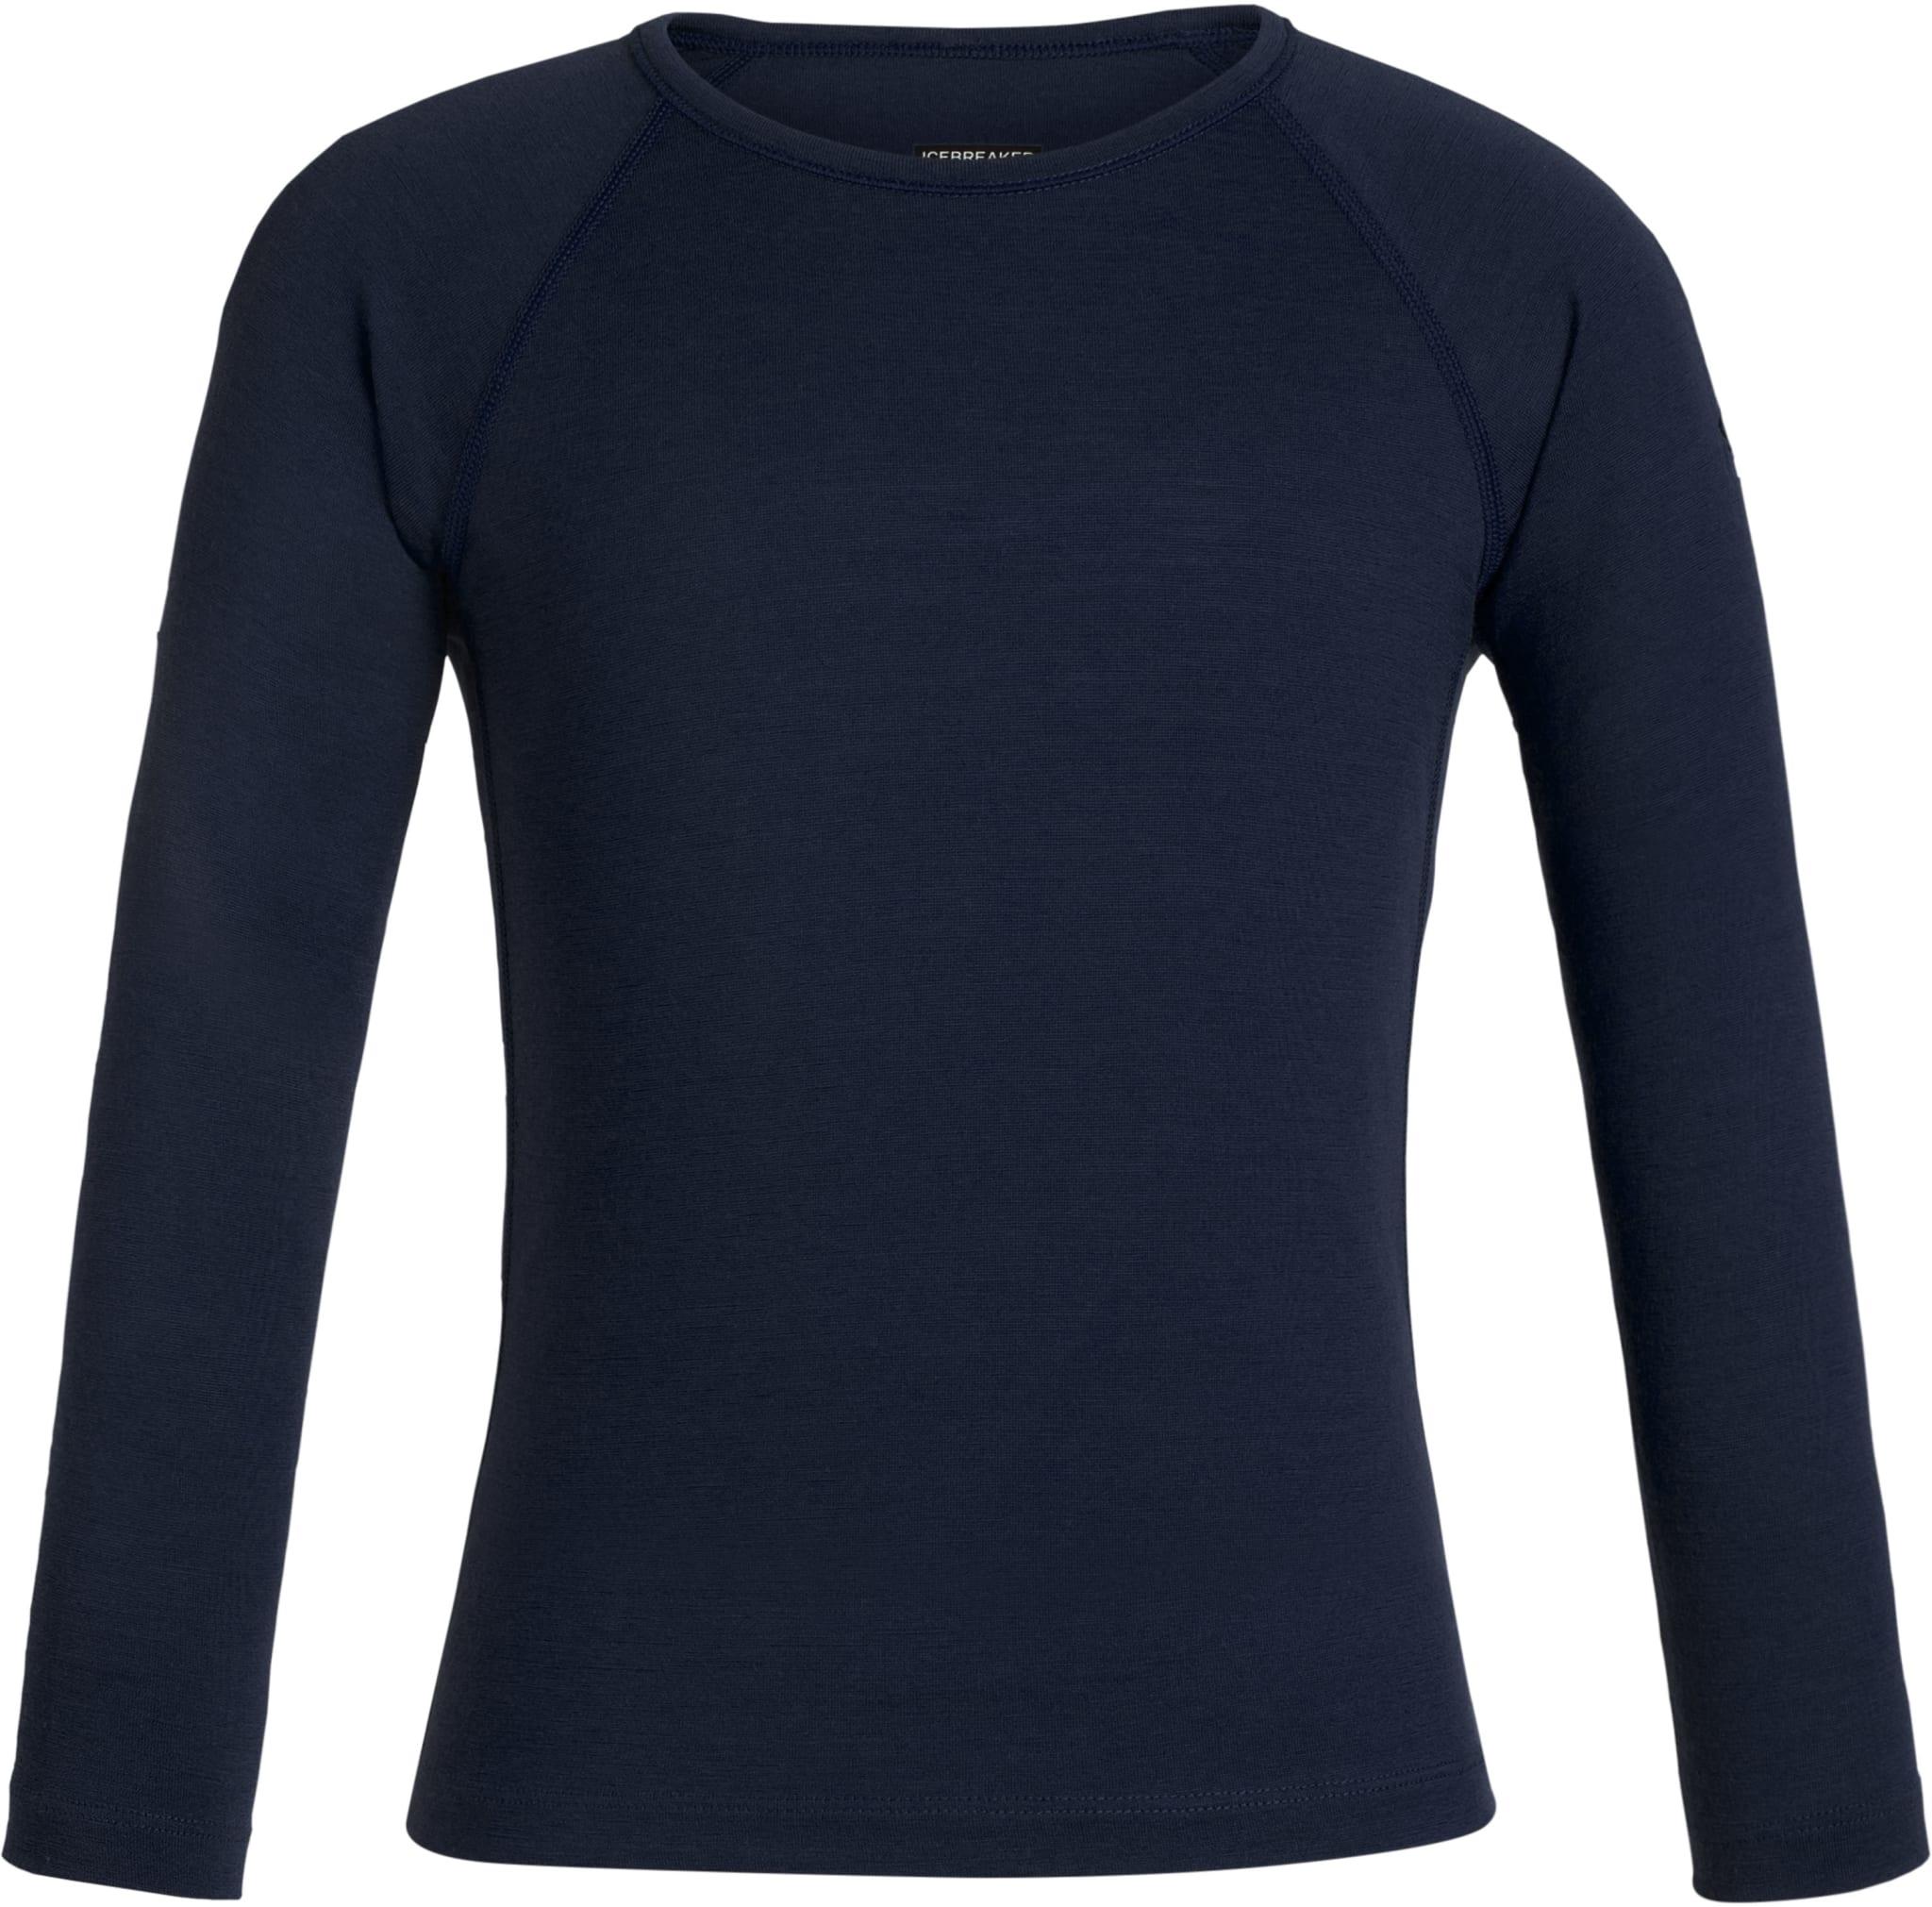 Den klassiske ullskjorta til Icebreaker til barn og ungdom